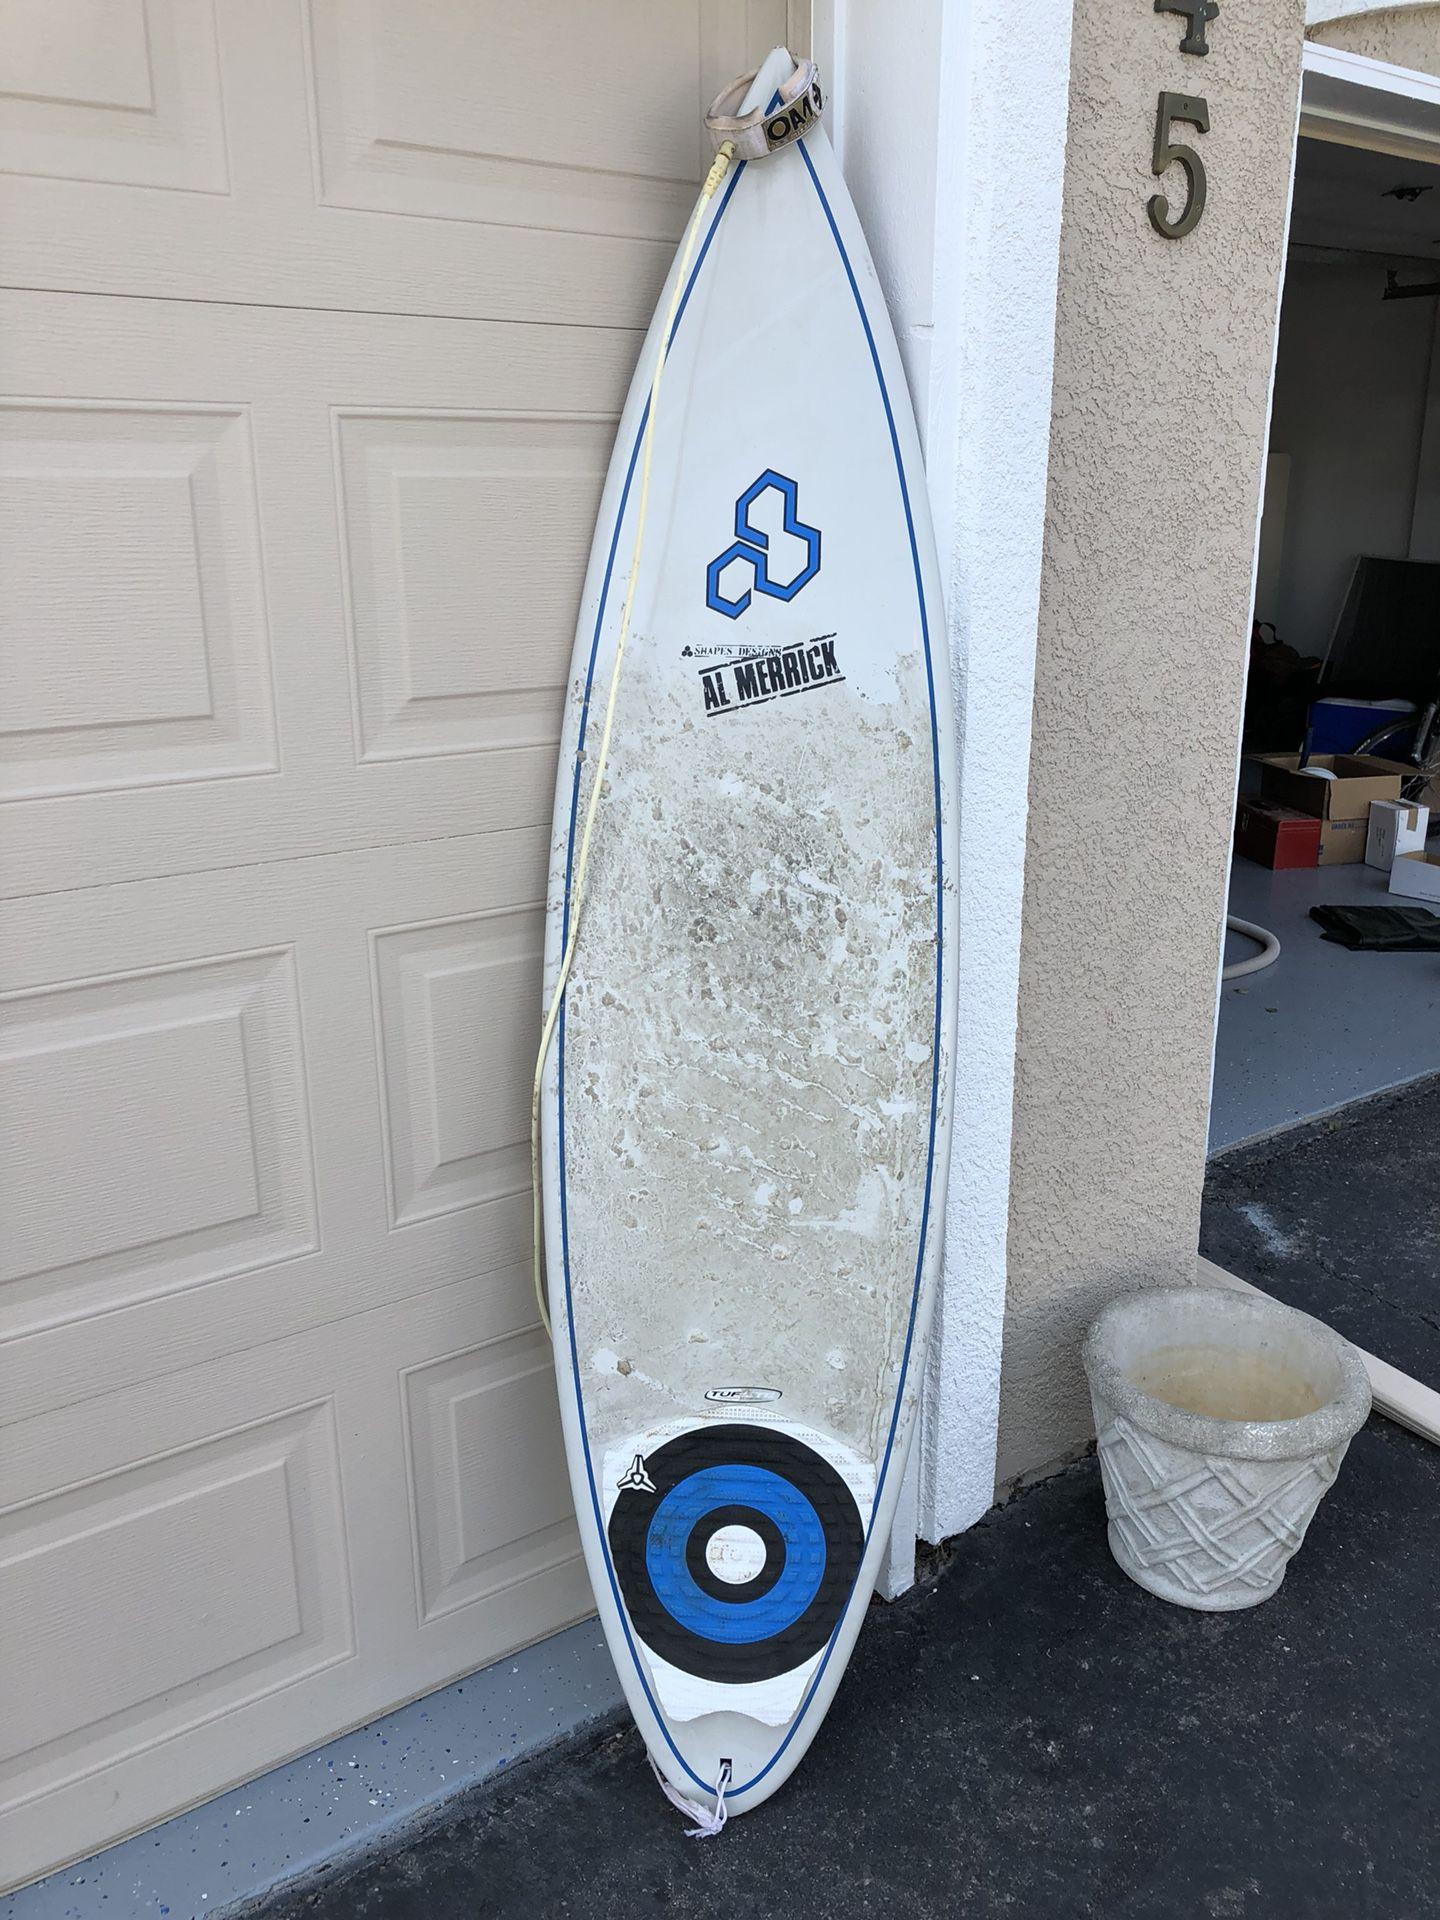 Used Al Merrick surfboard